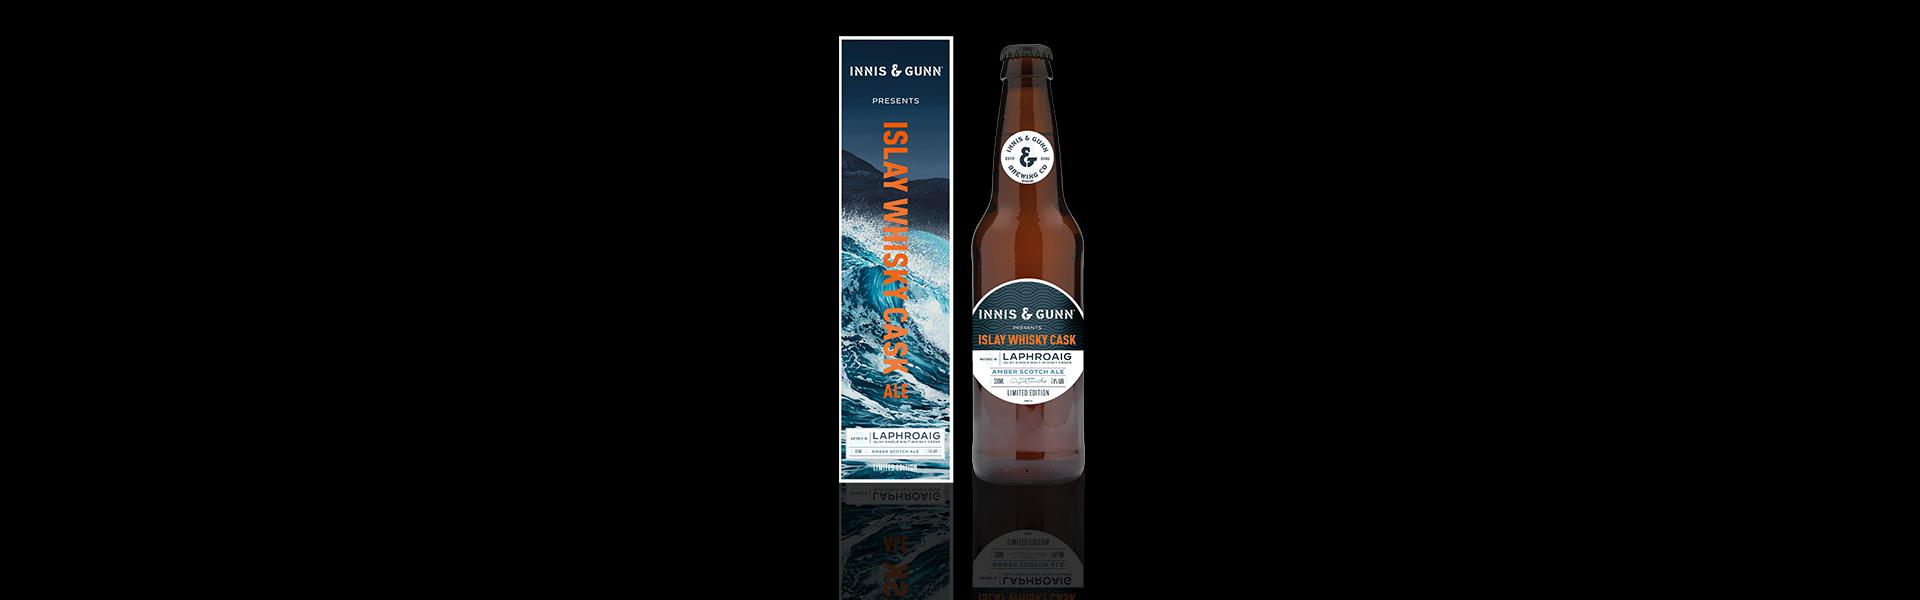 Skotska Innis & Gunn lanserar 'Islay whisky cask' i samarbete med Laphroaig och konstnären Hope Blamire.